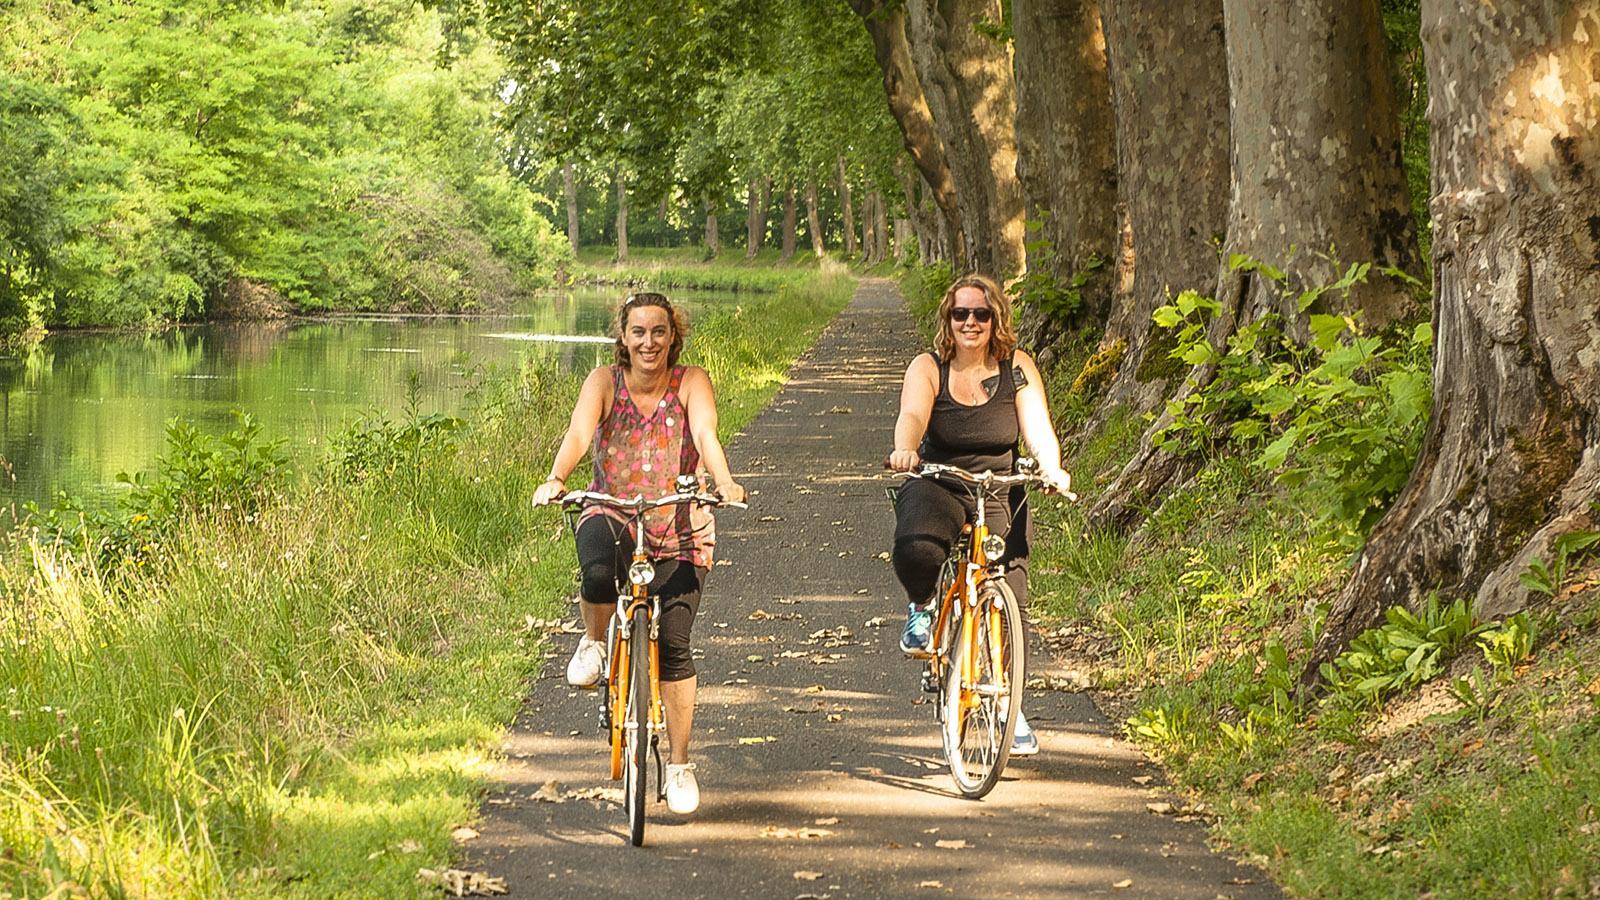 Entre-deux-Mers: Abseits vom Verkehr unterwegs am Canal Lateral de la Garonne. Die Treidelpfade sind herrlich zum Radfahren! Foto: Hilke Maunder